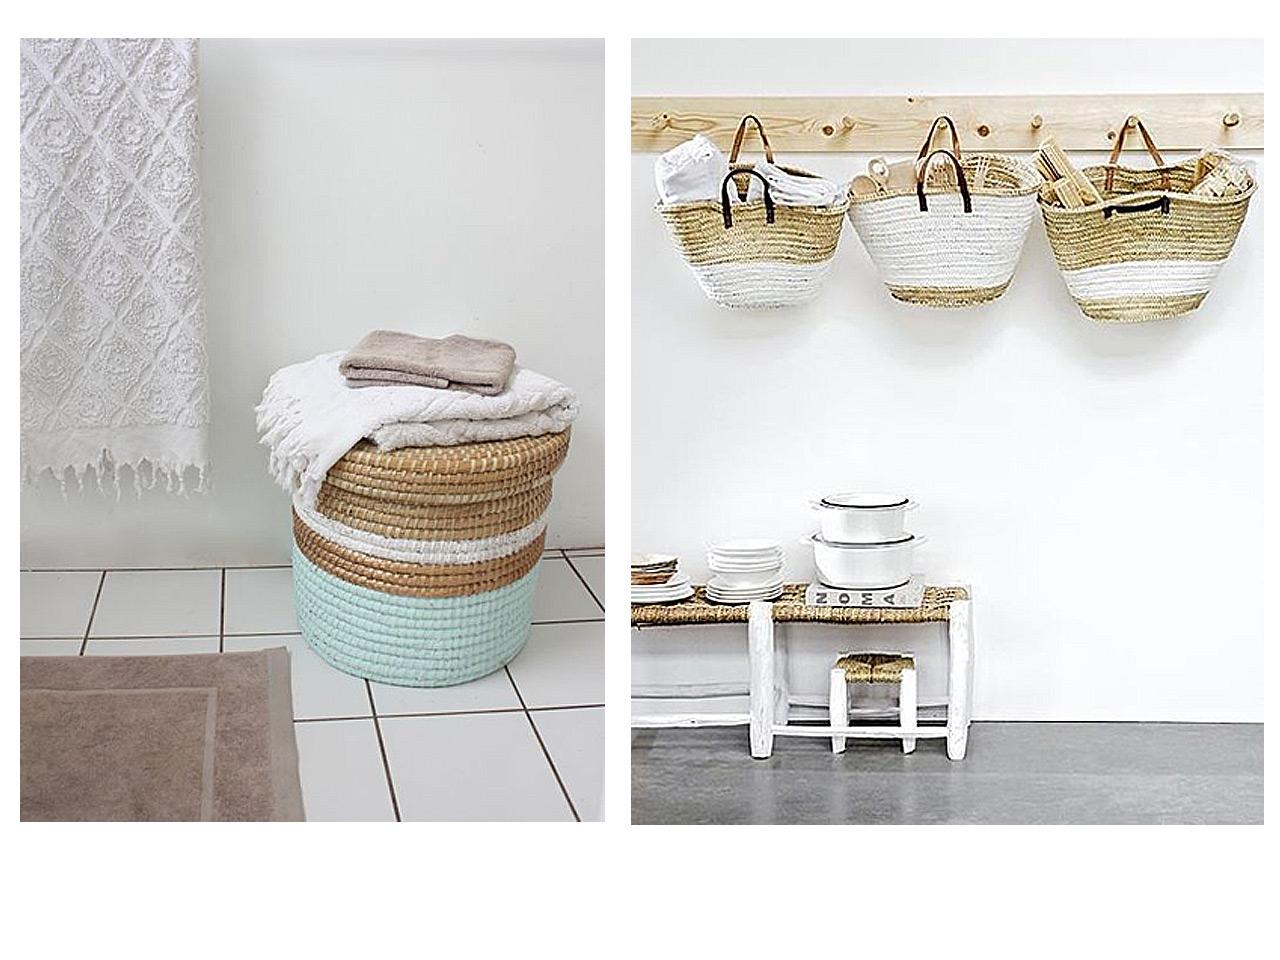 Vuelven las cestas de mimbre y los muebles de rattan - Cestas para banos ...